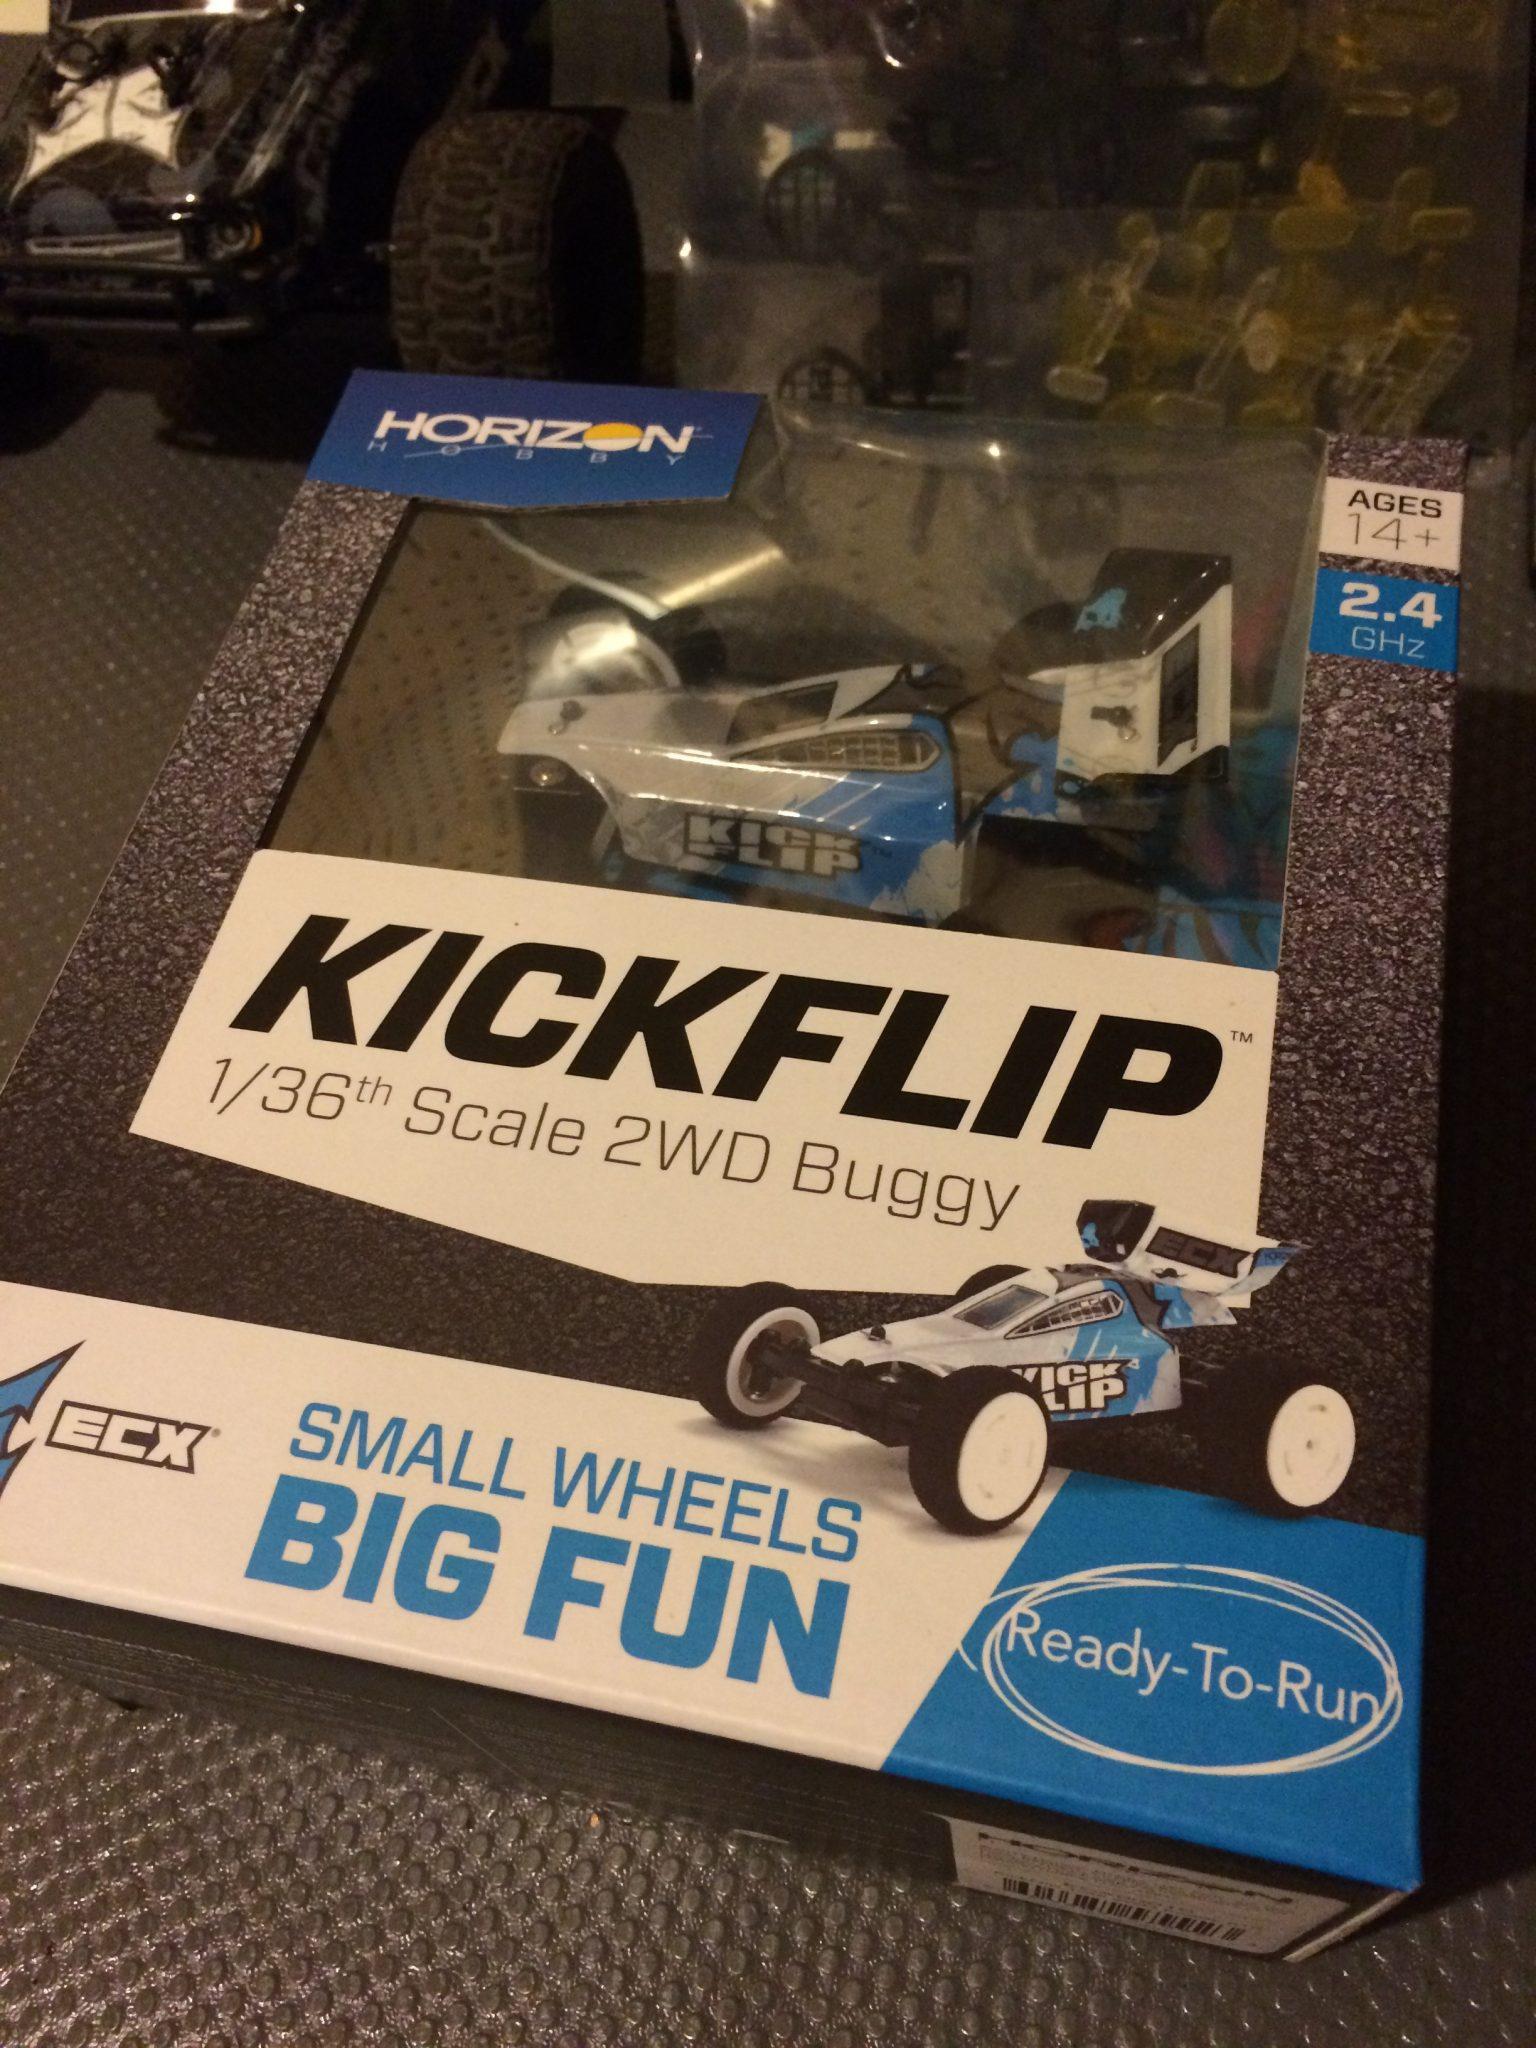 ECX KickFlip 1/36-scale Buggy Unboxing [Video]